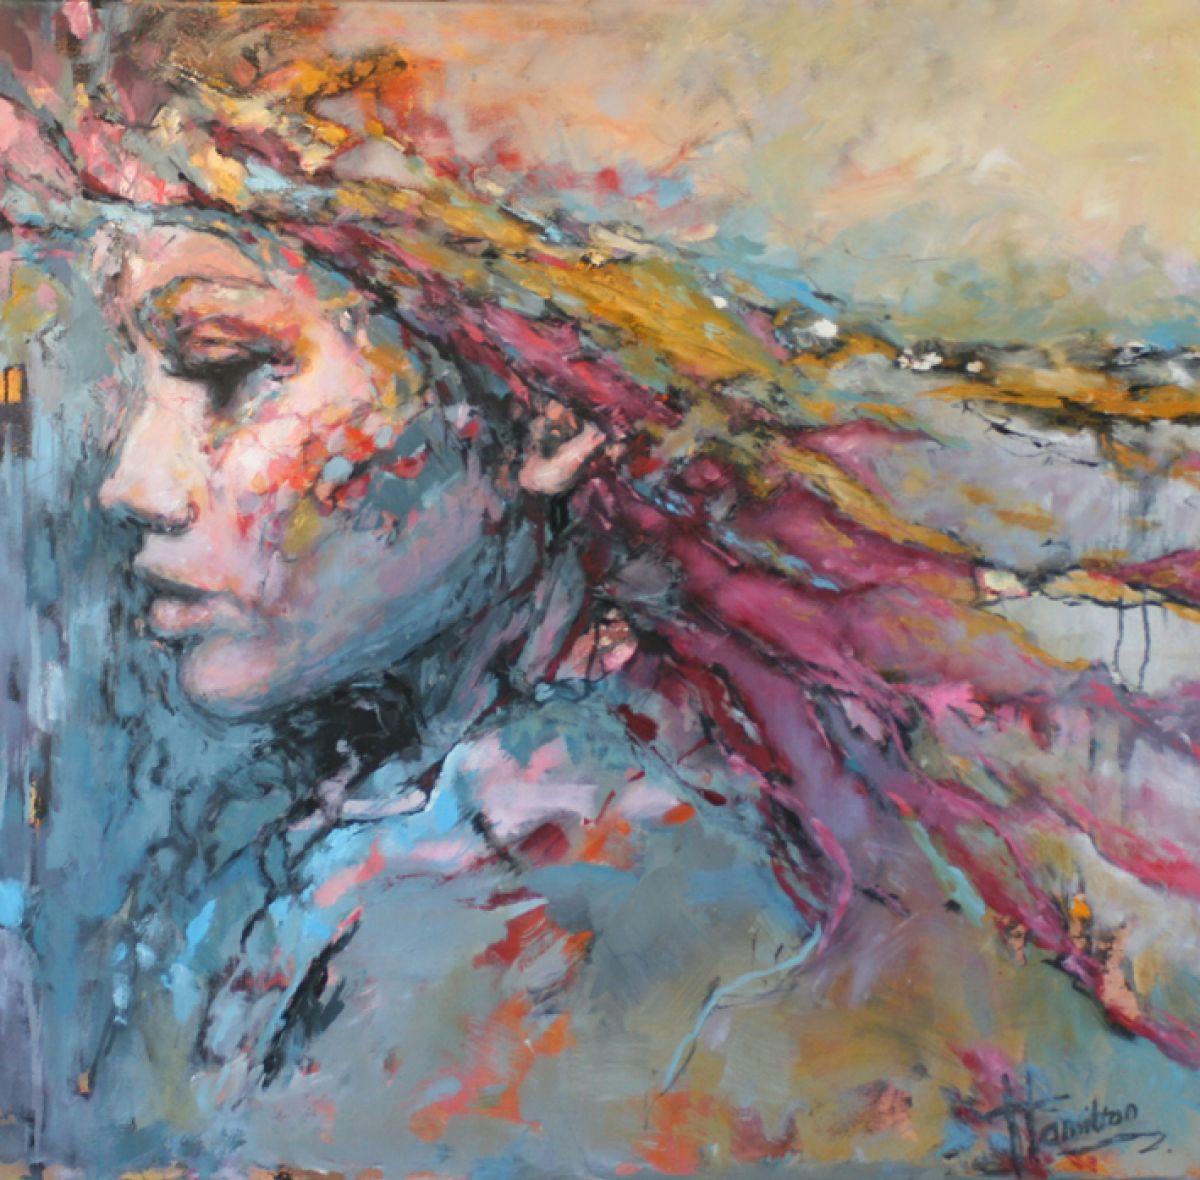 Kunst: Jill van kunstenaar Evelyn Hamilton